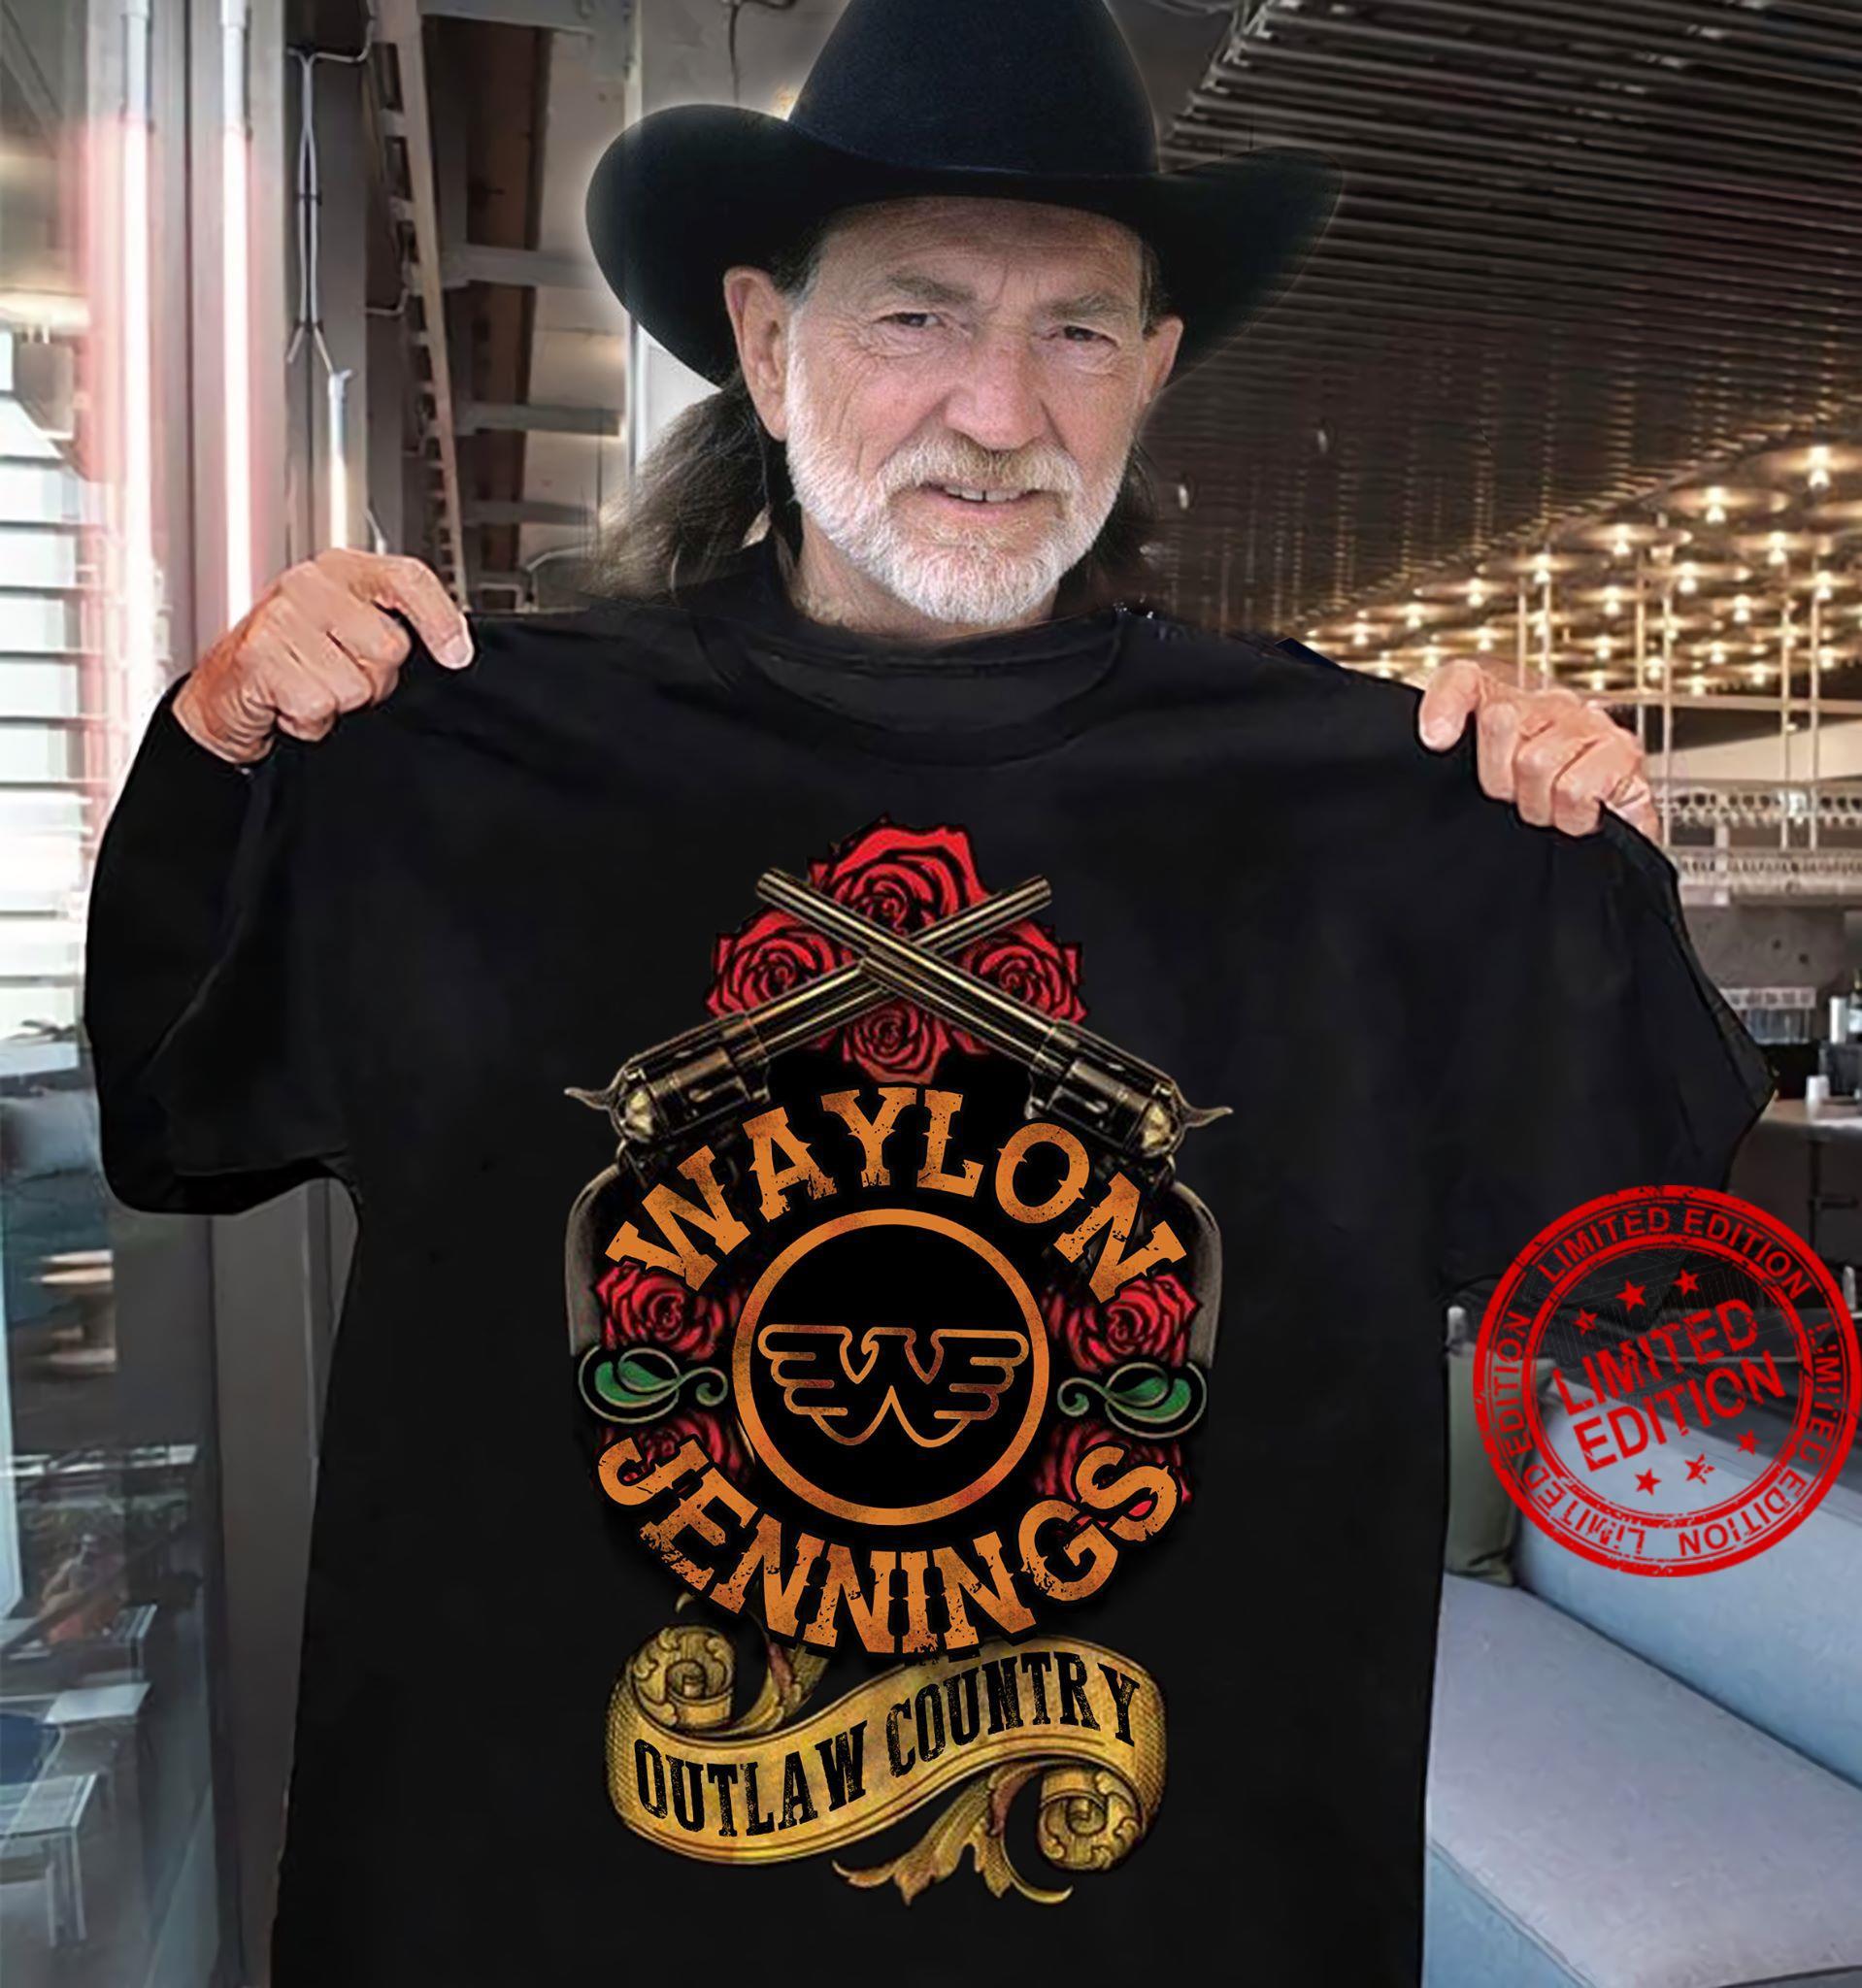 Waylon Jennings Outlaw Country Shirt